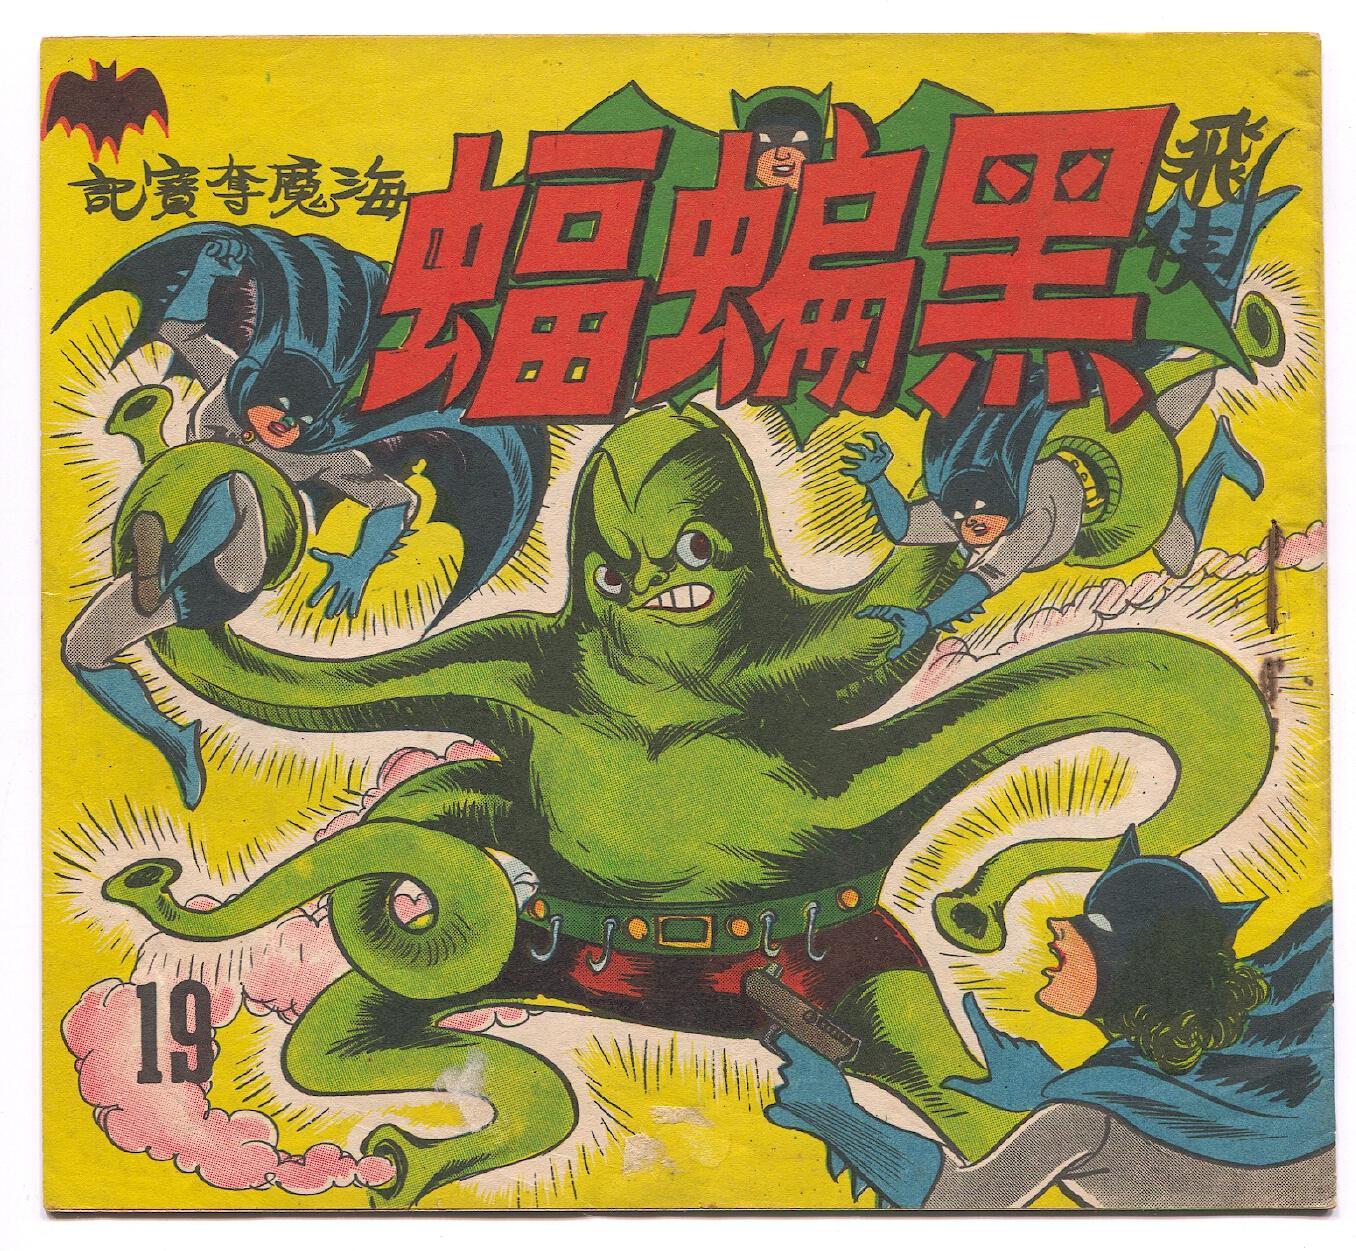 HONG KONG BATMAN #19-wild-octopus